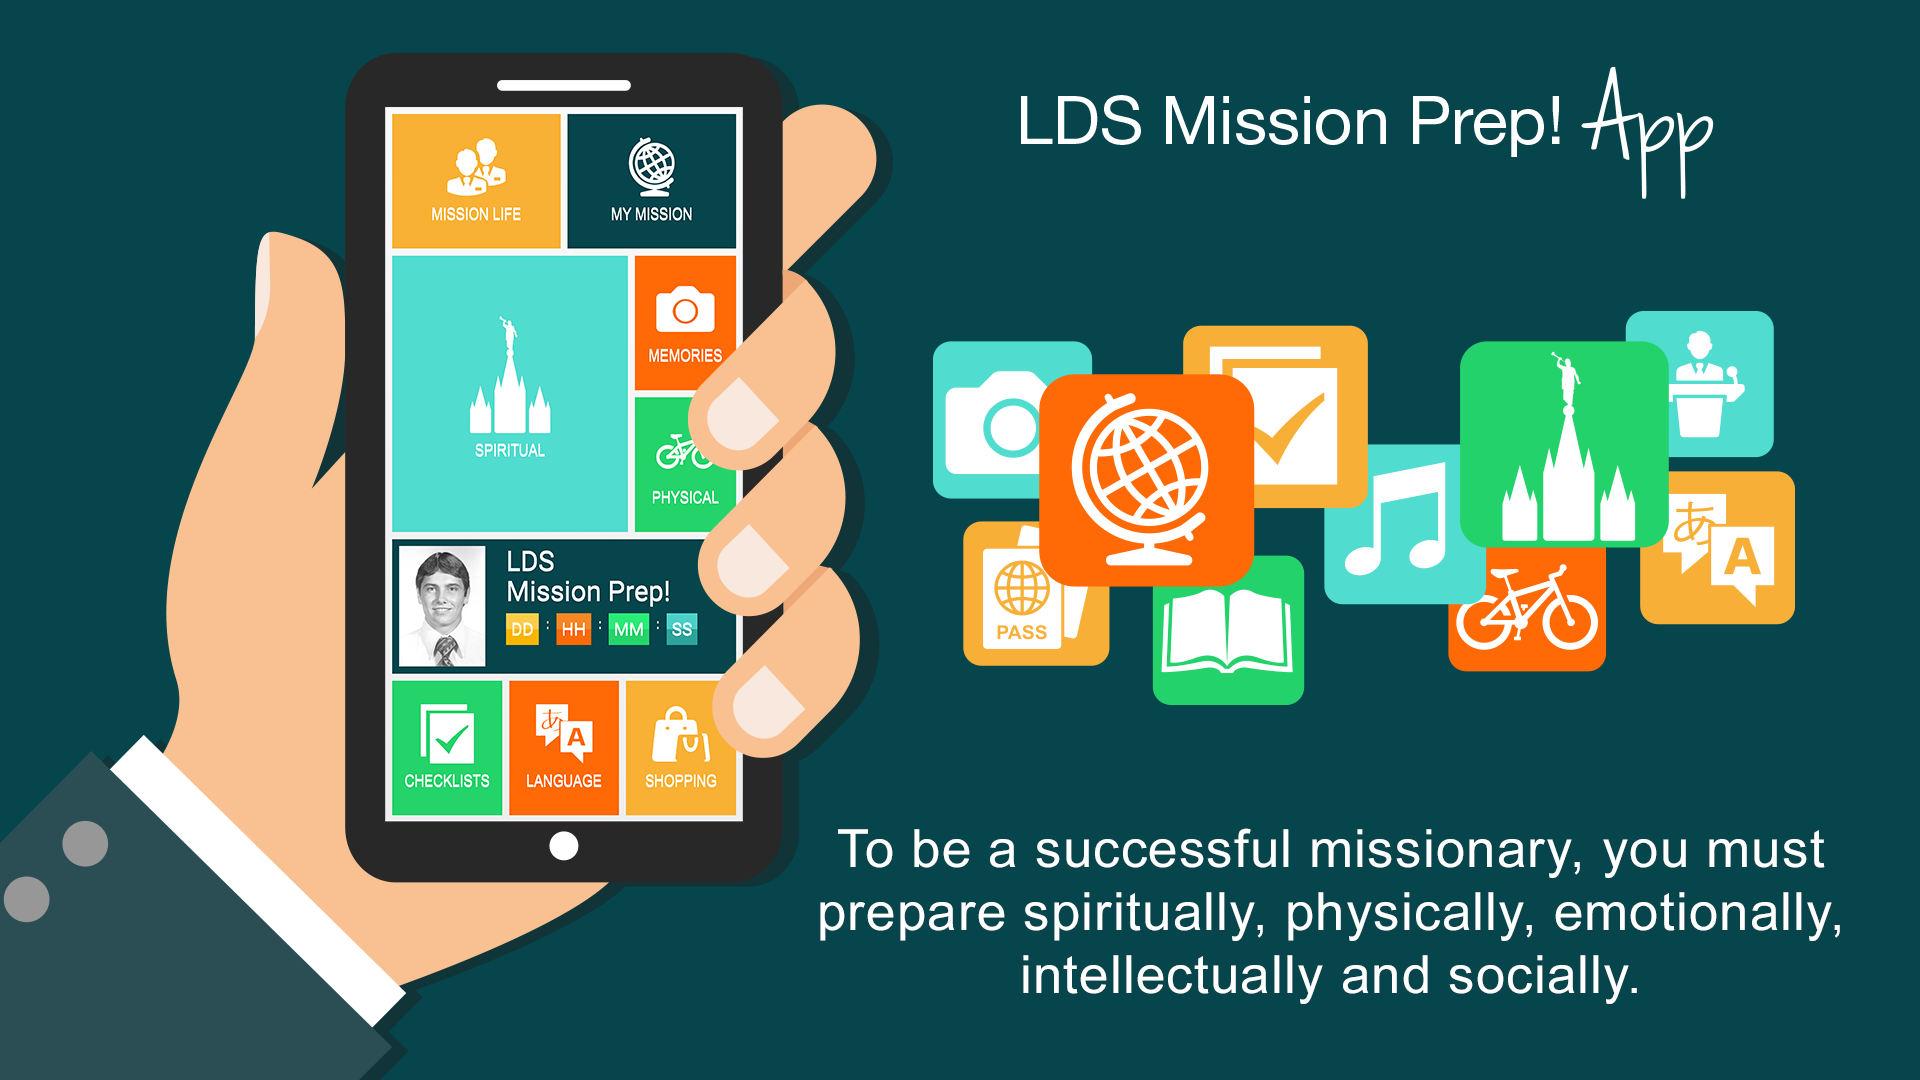 LDS Mission Prep